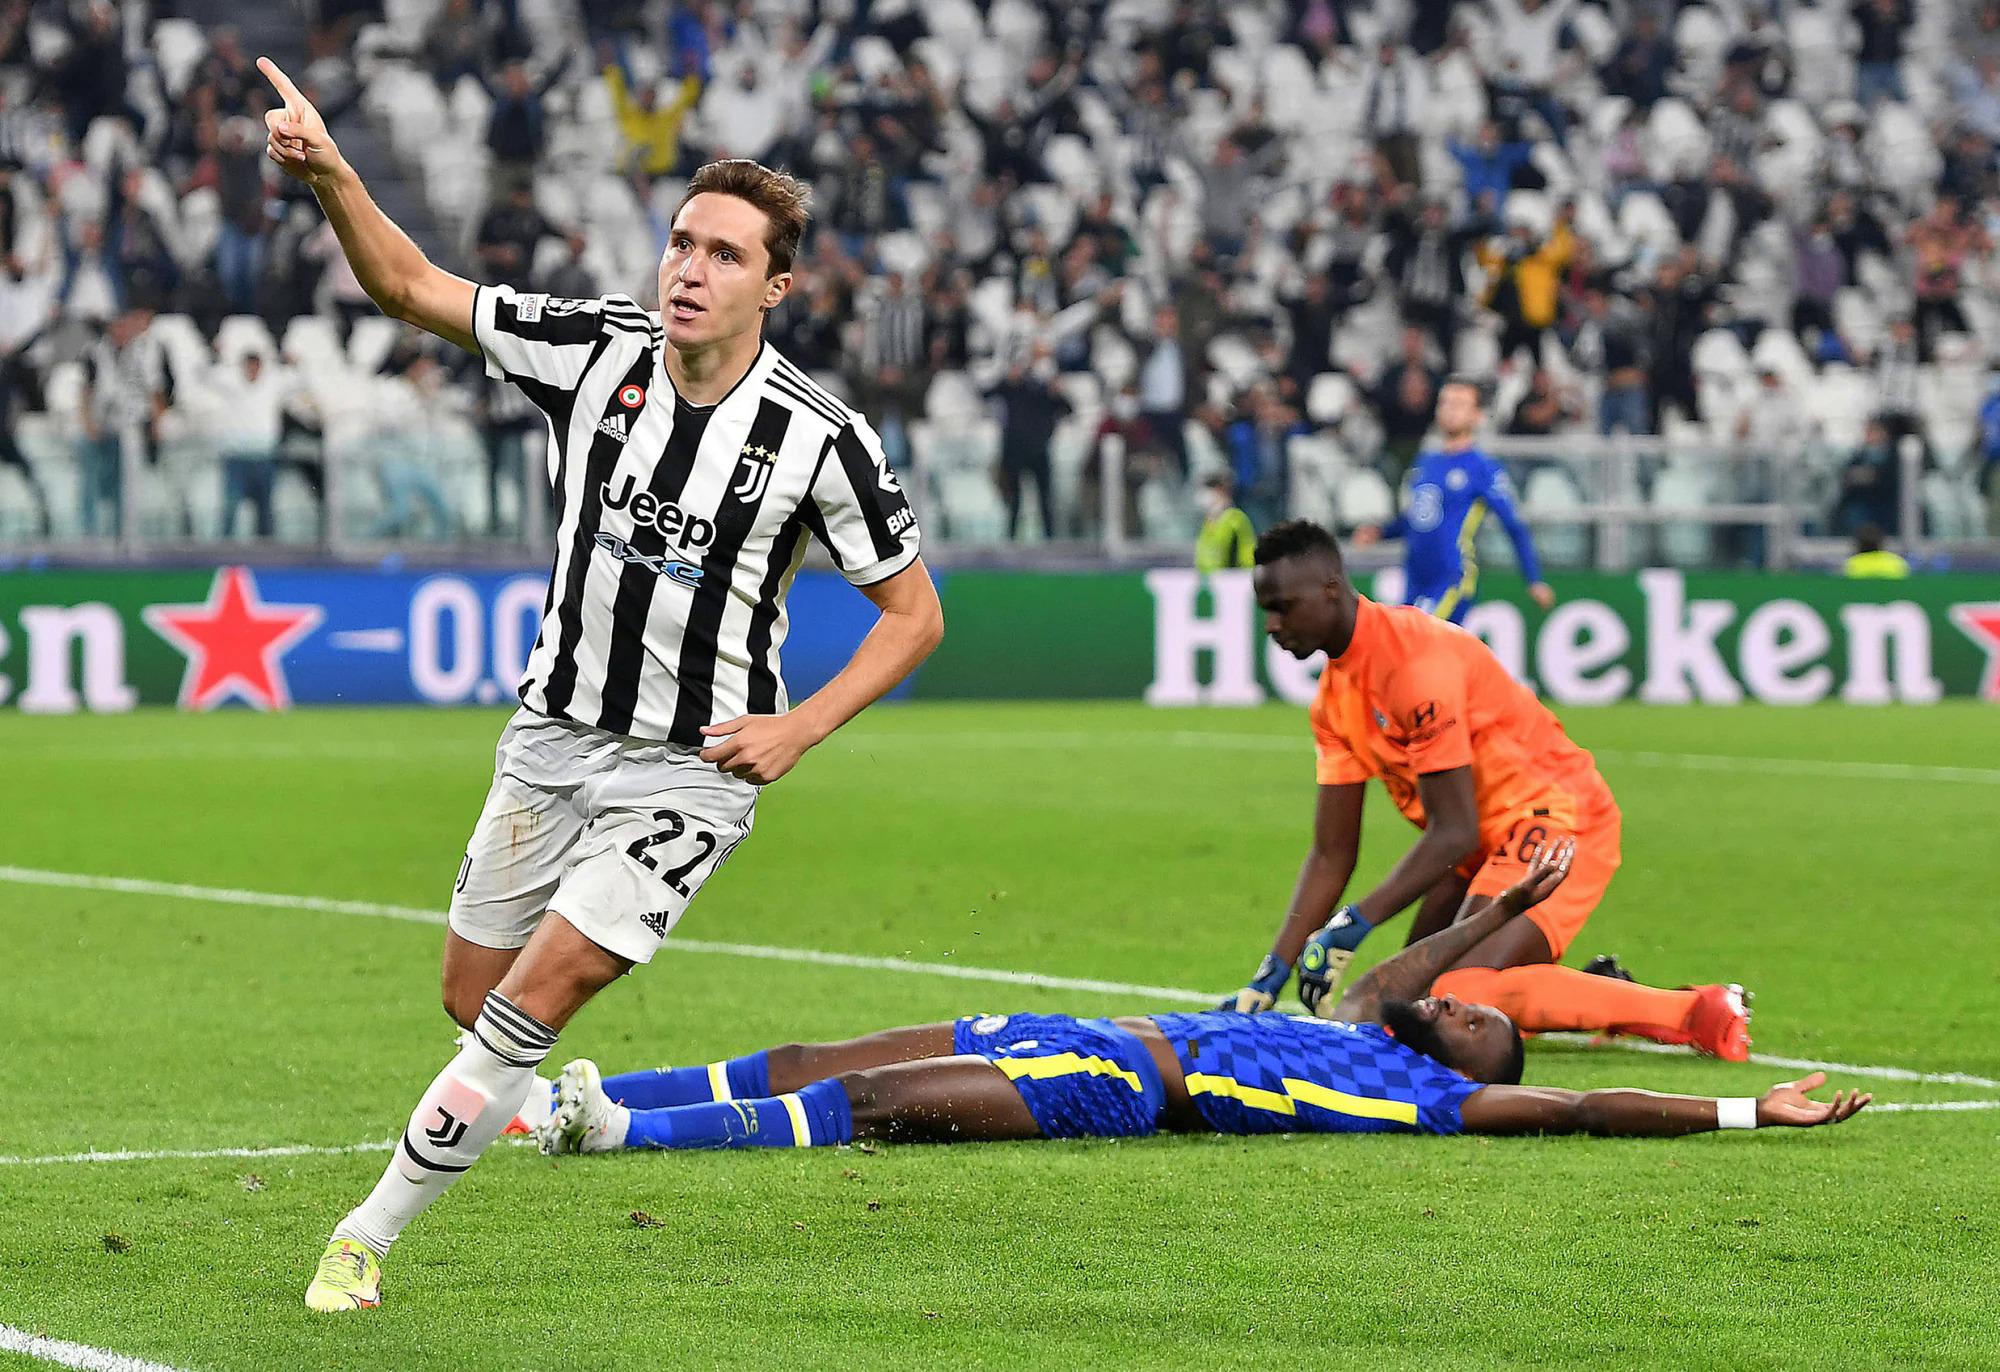 Chiesa mừng bàn duy nhất giúp Juventus hạ Chelsea 1-0 ở Champions League hôm 29/9. Ảnh: ANSA